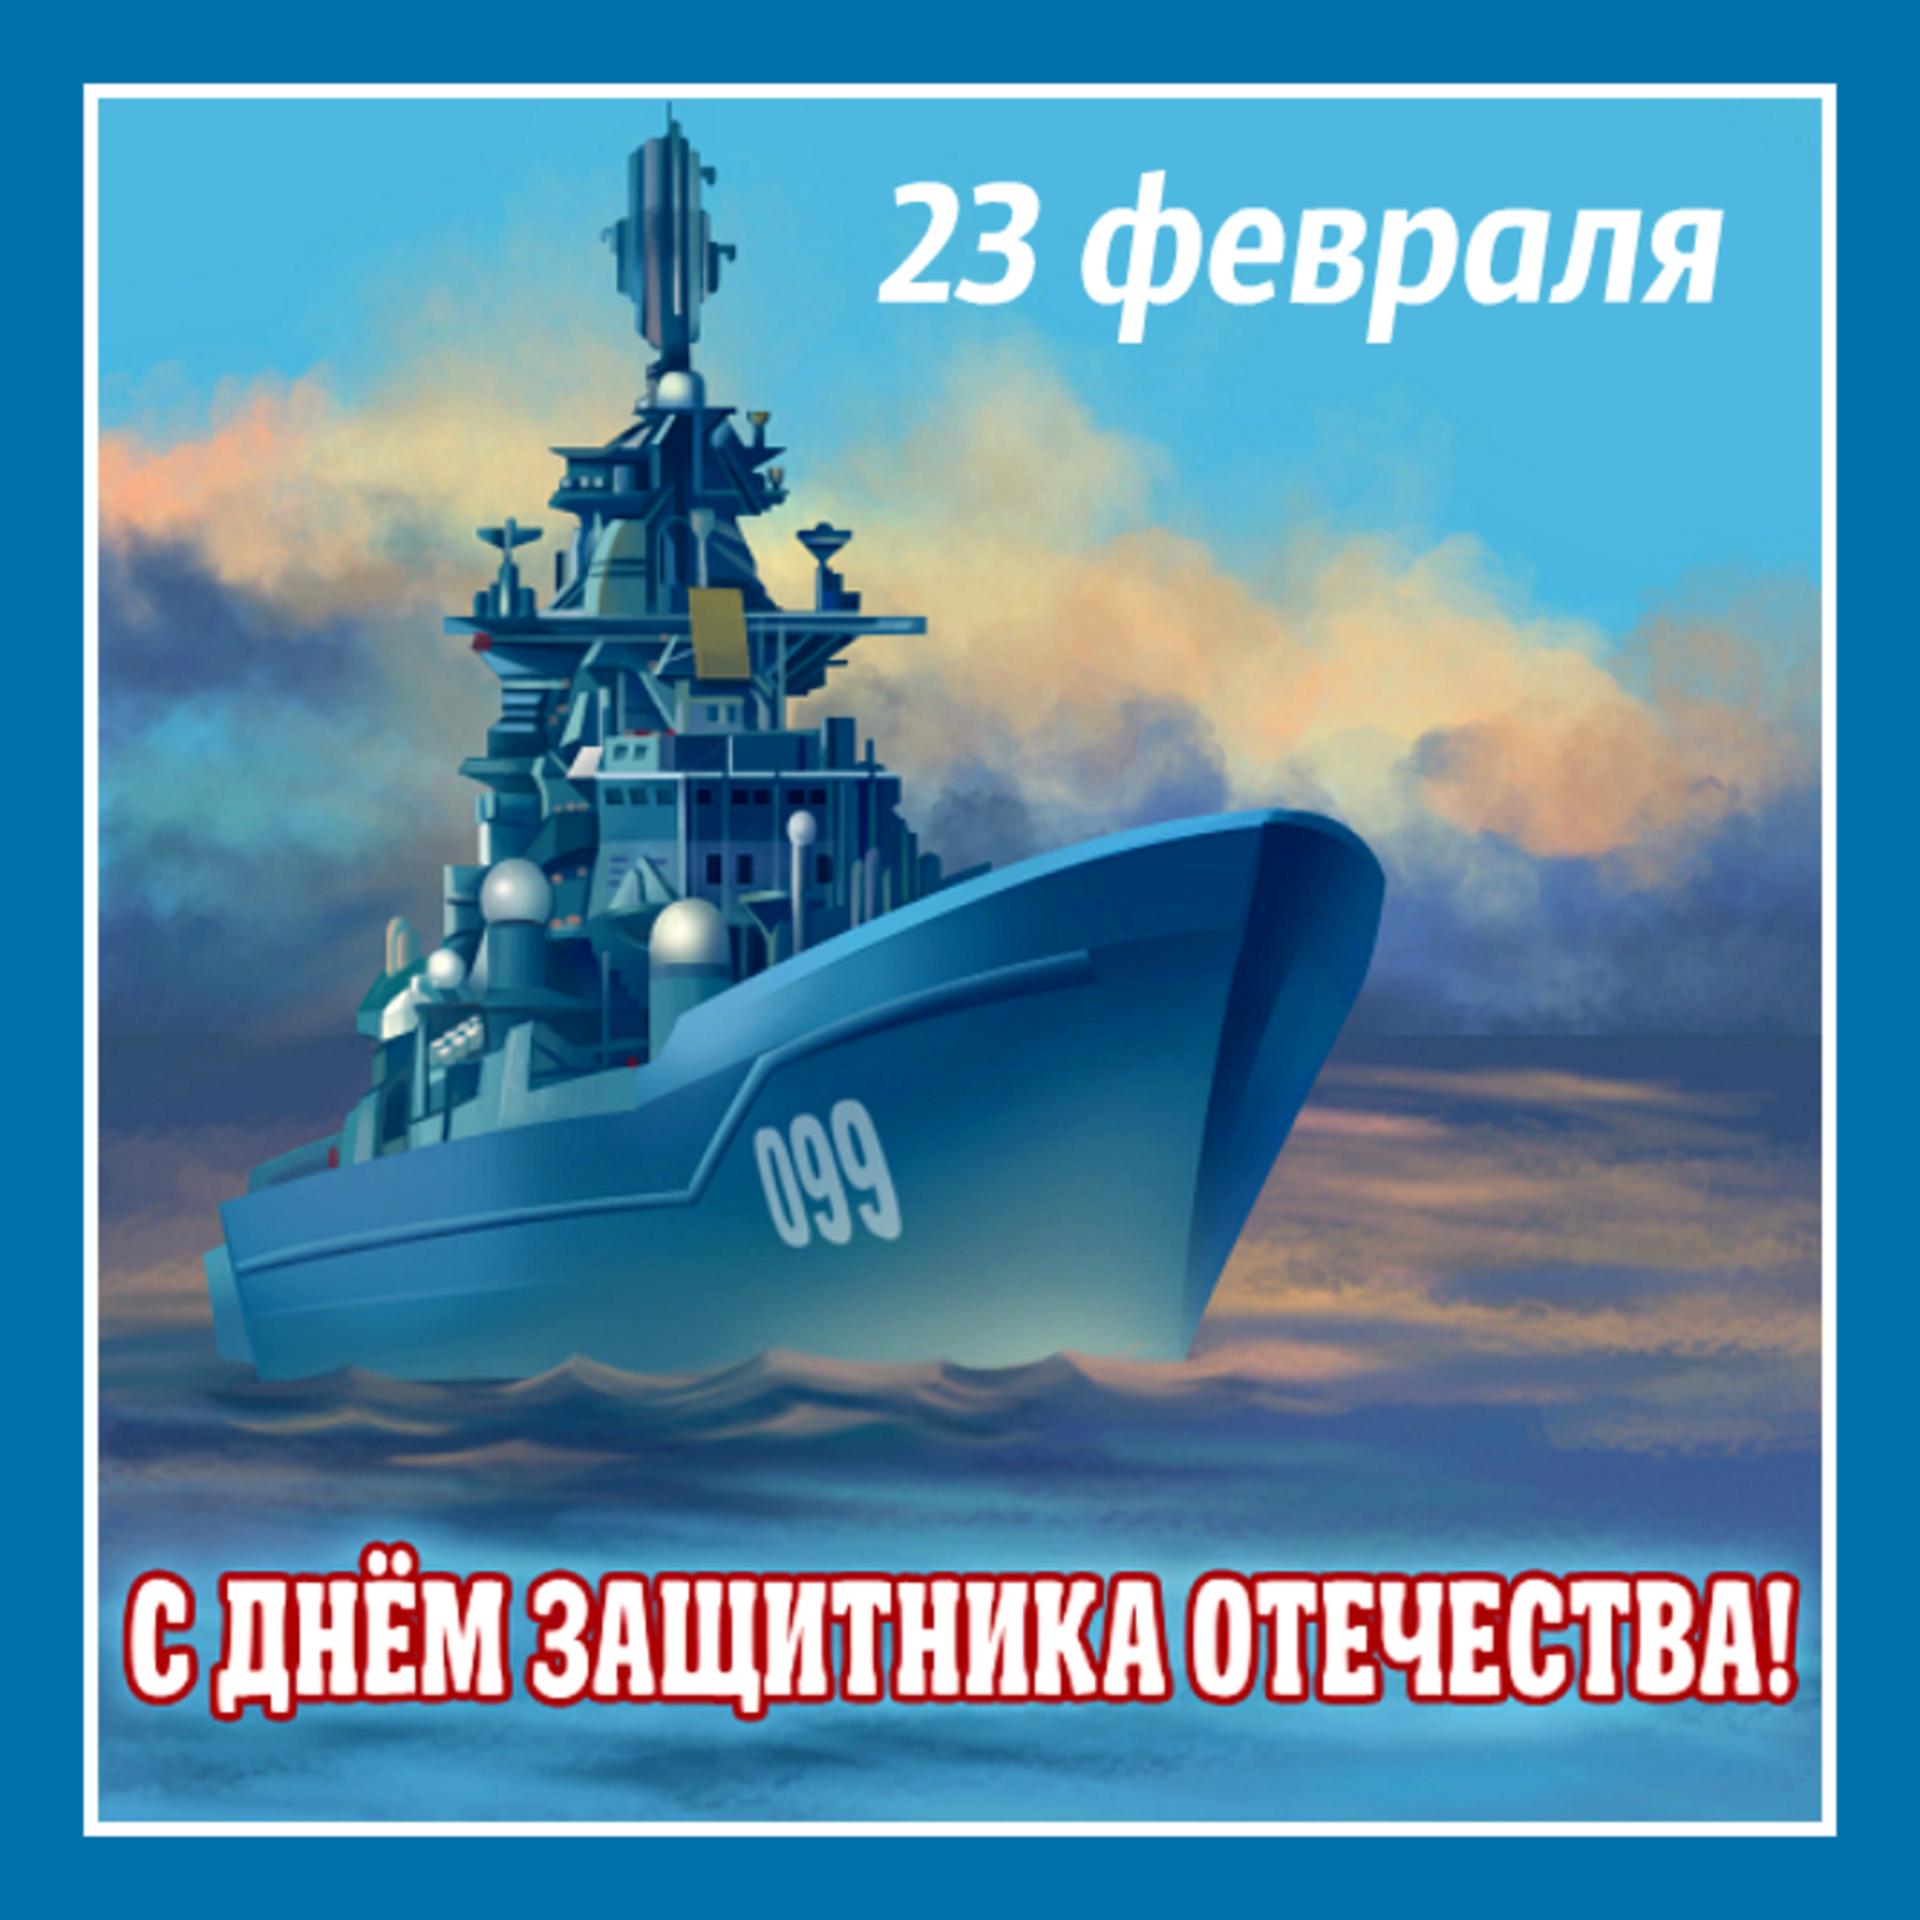 Анимация, открытка моряку с днем защитника отечества